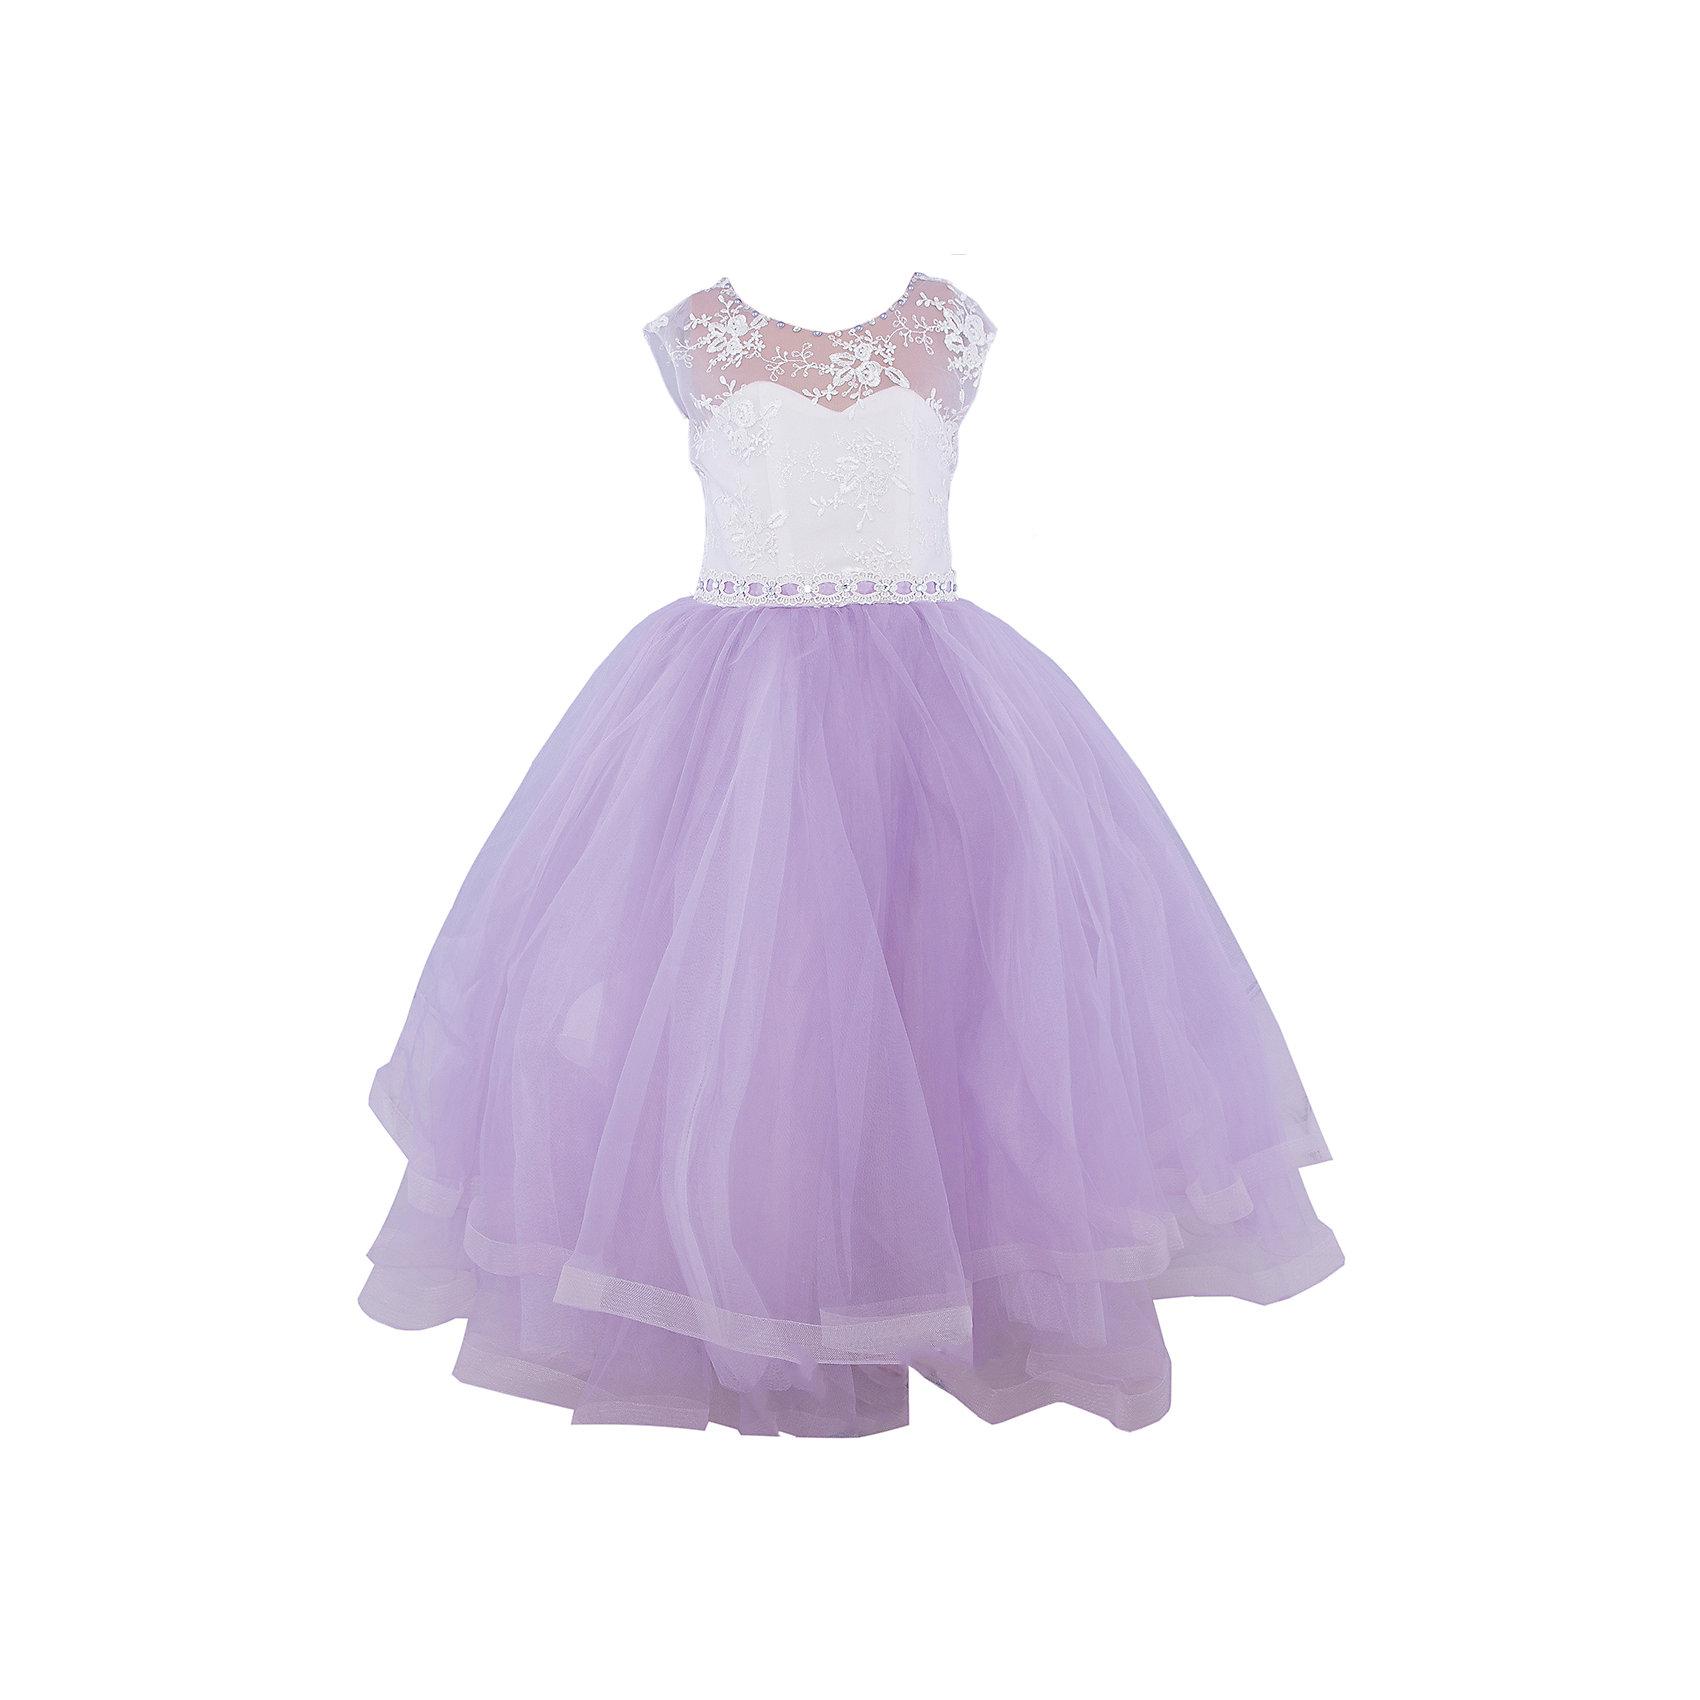 Платье нарядное ПрестижПлатье для девочки Престиж.<br><br>Характеристики:<br><br>• длинное<br>• без рукавов<br>• цвет: фиолетовый<br>• состав: 100% полиэстер<br><br>Длинное платье для девочки Престиж не имеет рукавов. Светлый лиф платья украшен вышивкой и стразами. Его отлично дополняет пышный низ, на несколько тонов темнее. Пояс платья декорирован крупными стразами. Это платье - прекрасный выбор для юной леди!<br><br>Платье регулируется шнуровкой сзади, от талии до верха спинки. Шнуровка в комплекте.<br>Платье подходит для занятий бальными танцами.<br><br>Вы можете купить платье для девочки Престиж в нашем интернет-магазине.<br><br>Ширина мм: 236<br>Глубина мм: 16<br>Высота мм: 184<br>Вес г: 177<br>Цвет: фиолетовый<br>Возраст от месяцев: 72<br>Возраст до месяцев: 84<br>Пол: Женский<br>Возраст: Детский<br>Размер: 116,128,122<br>SKU: 5158342